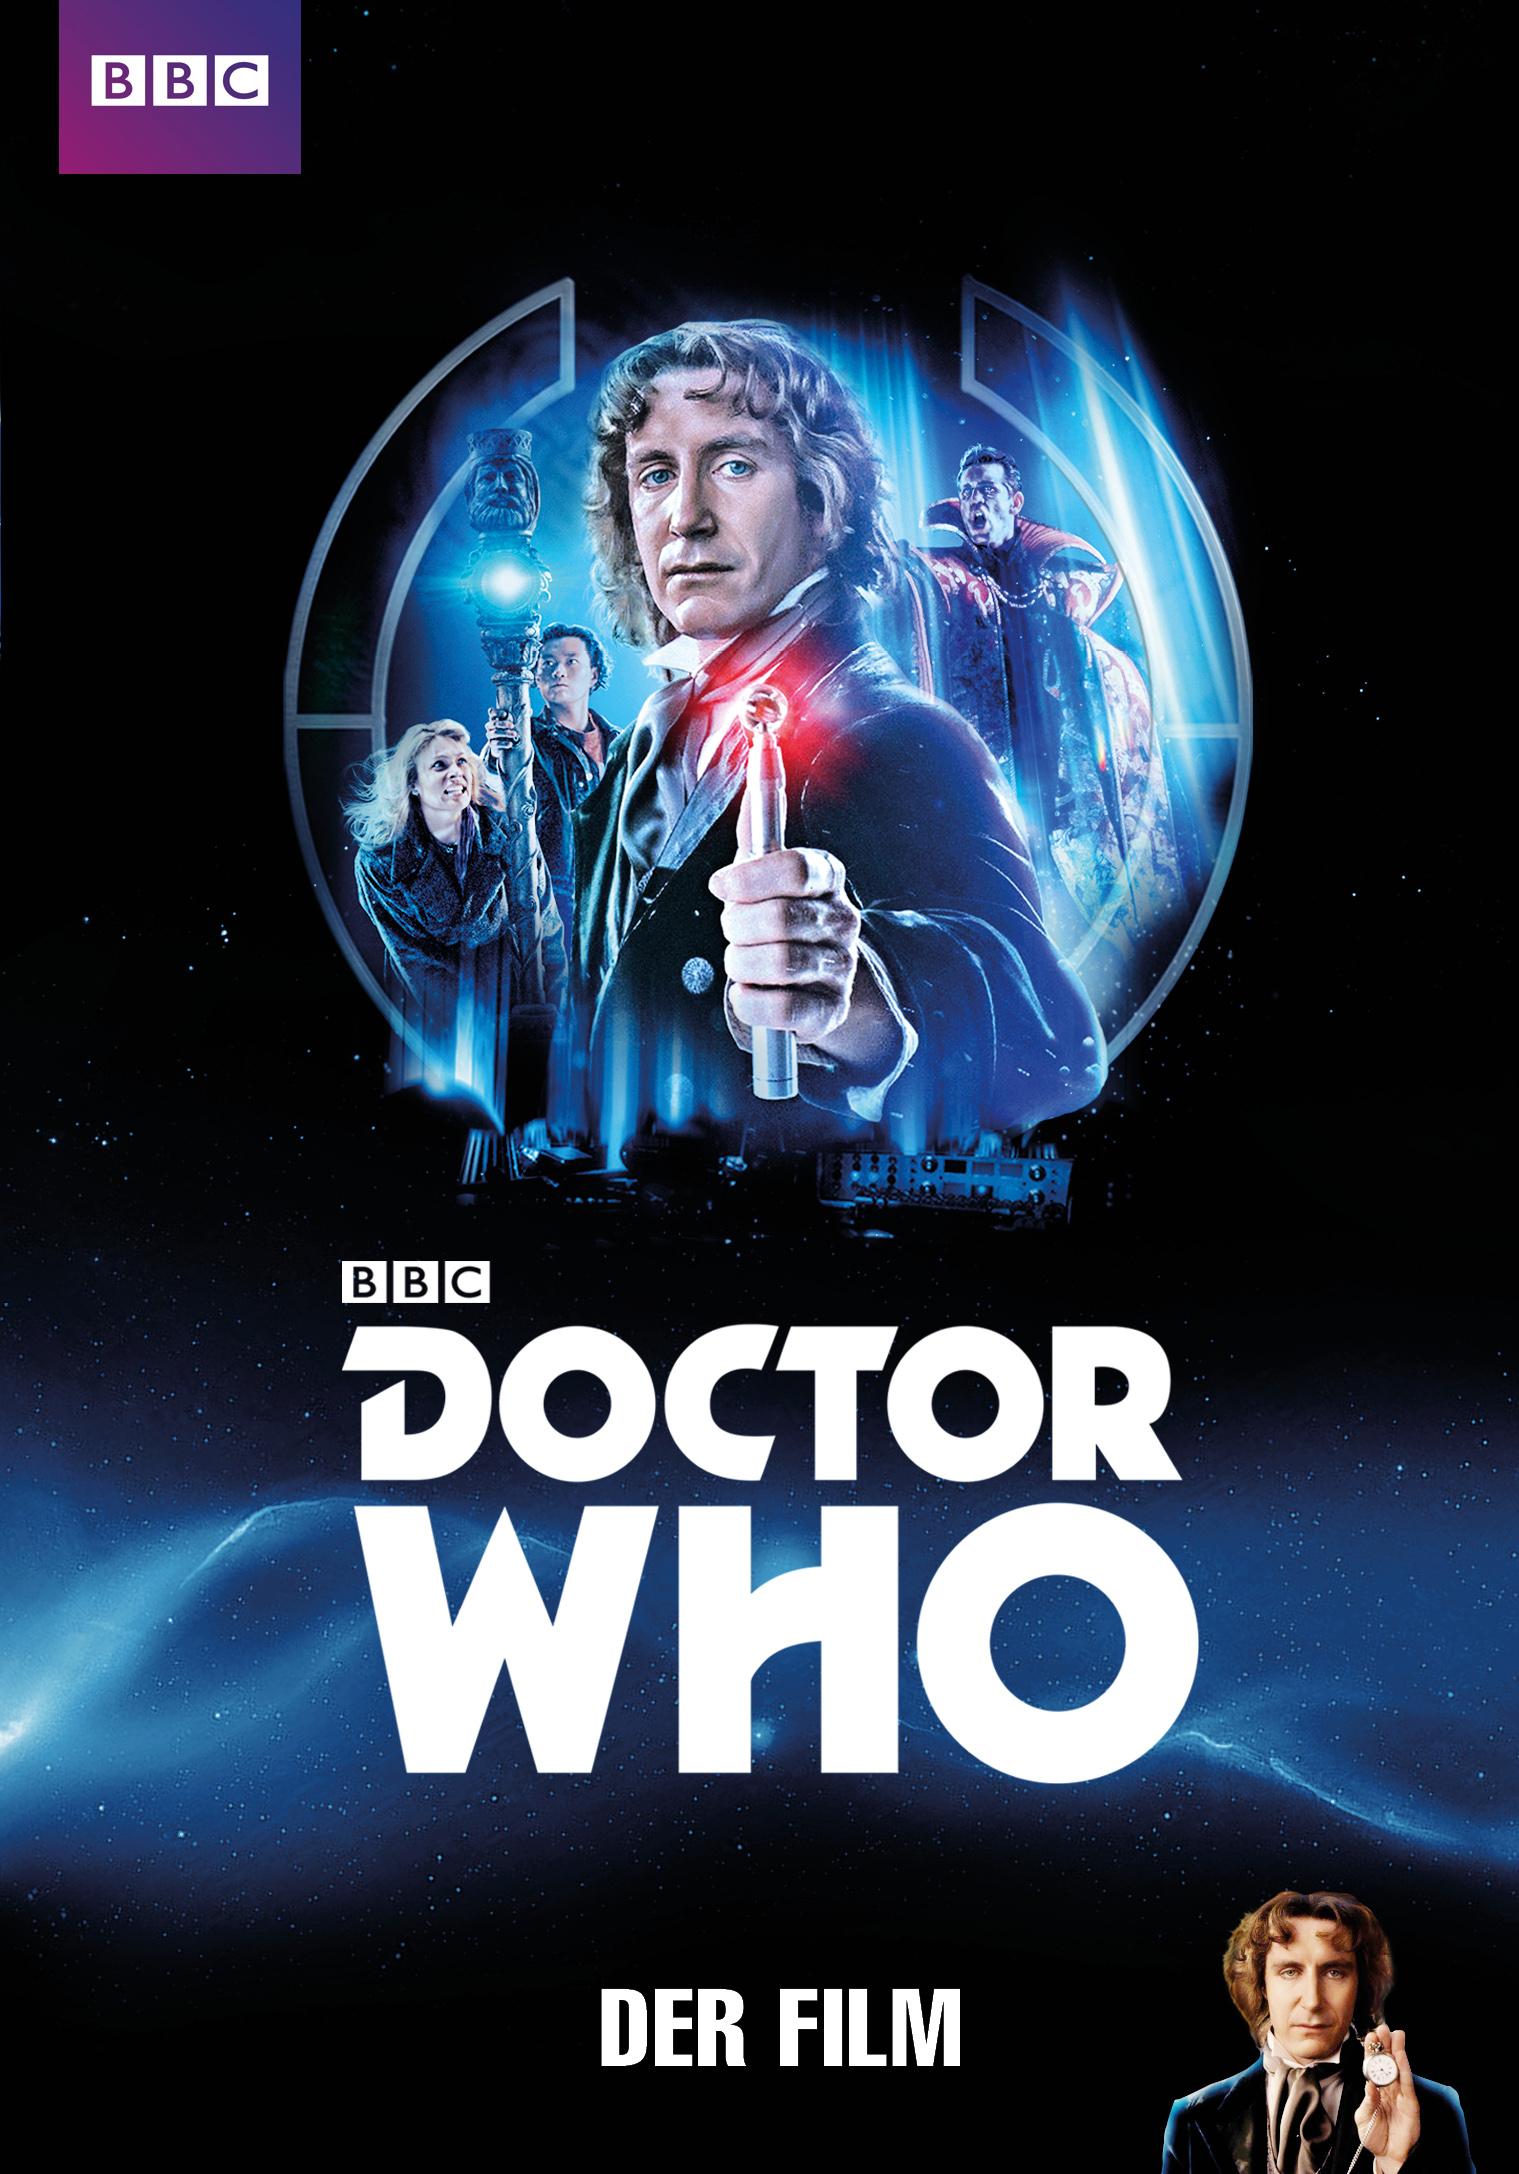 Doctor Who Schauspieler